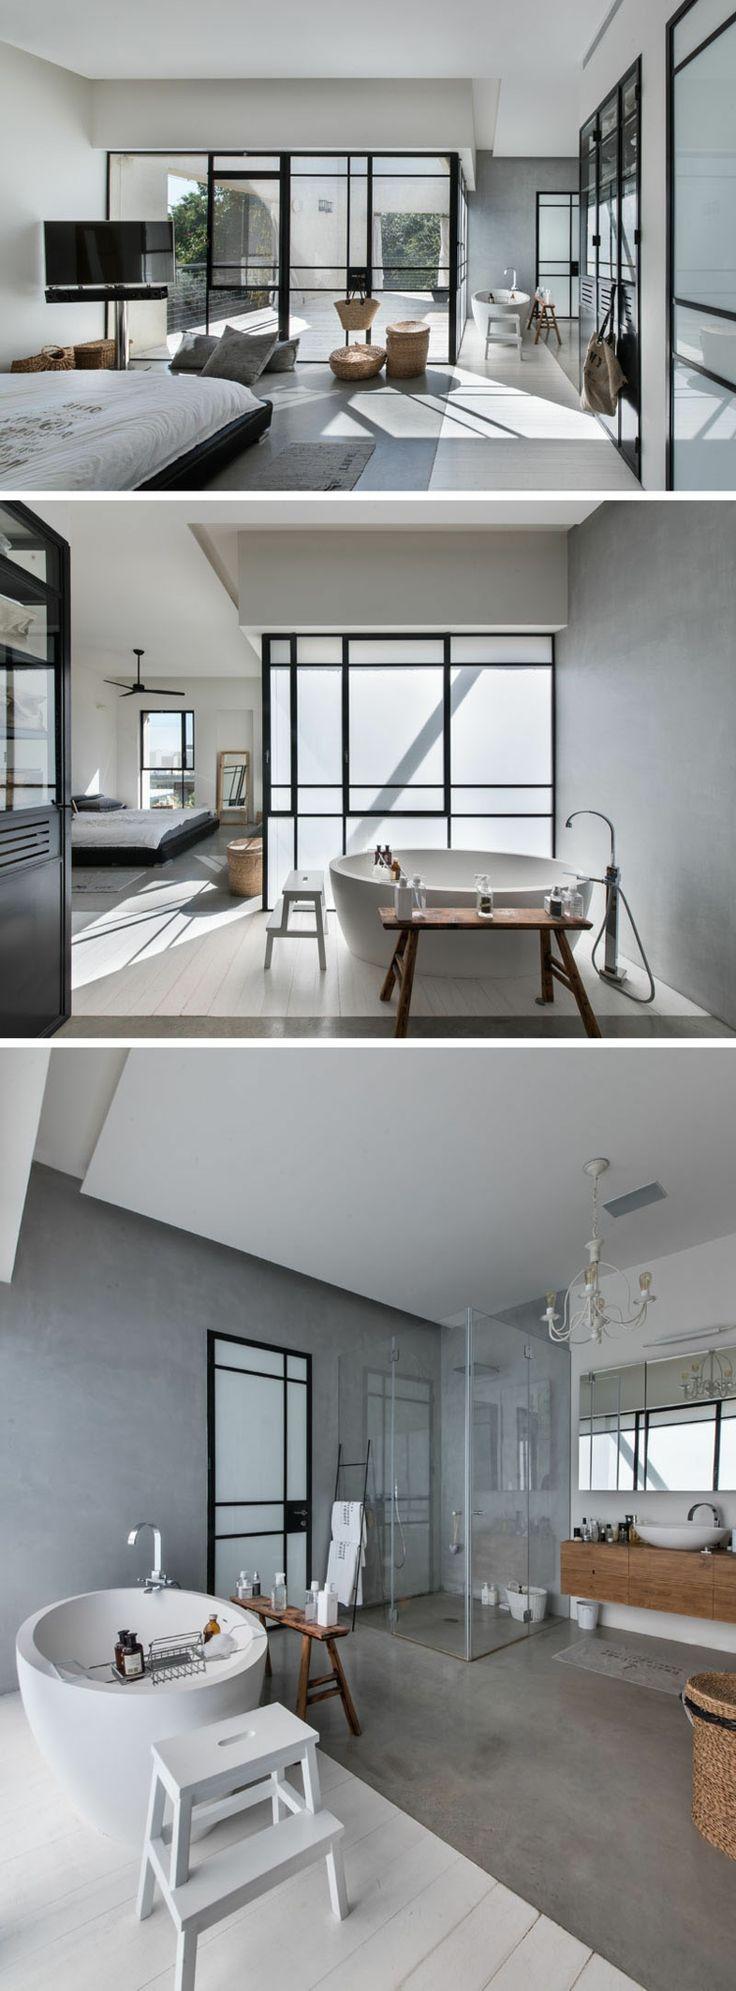 Charmant In Diesem Luxuriösen, Modernen Haus In Loftstil, Entworfen Von Neuman  Hayner Architects Sind Hängesessel Und Schaukel Aus Ratan Und Holz Ein  Highlight.